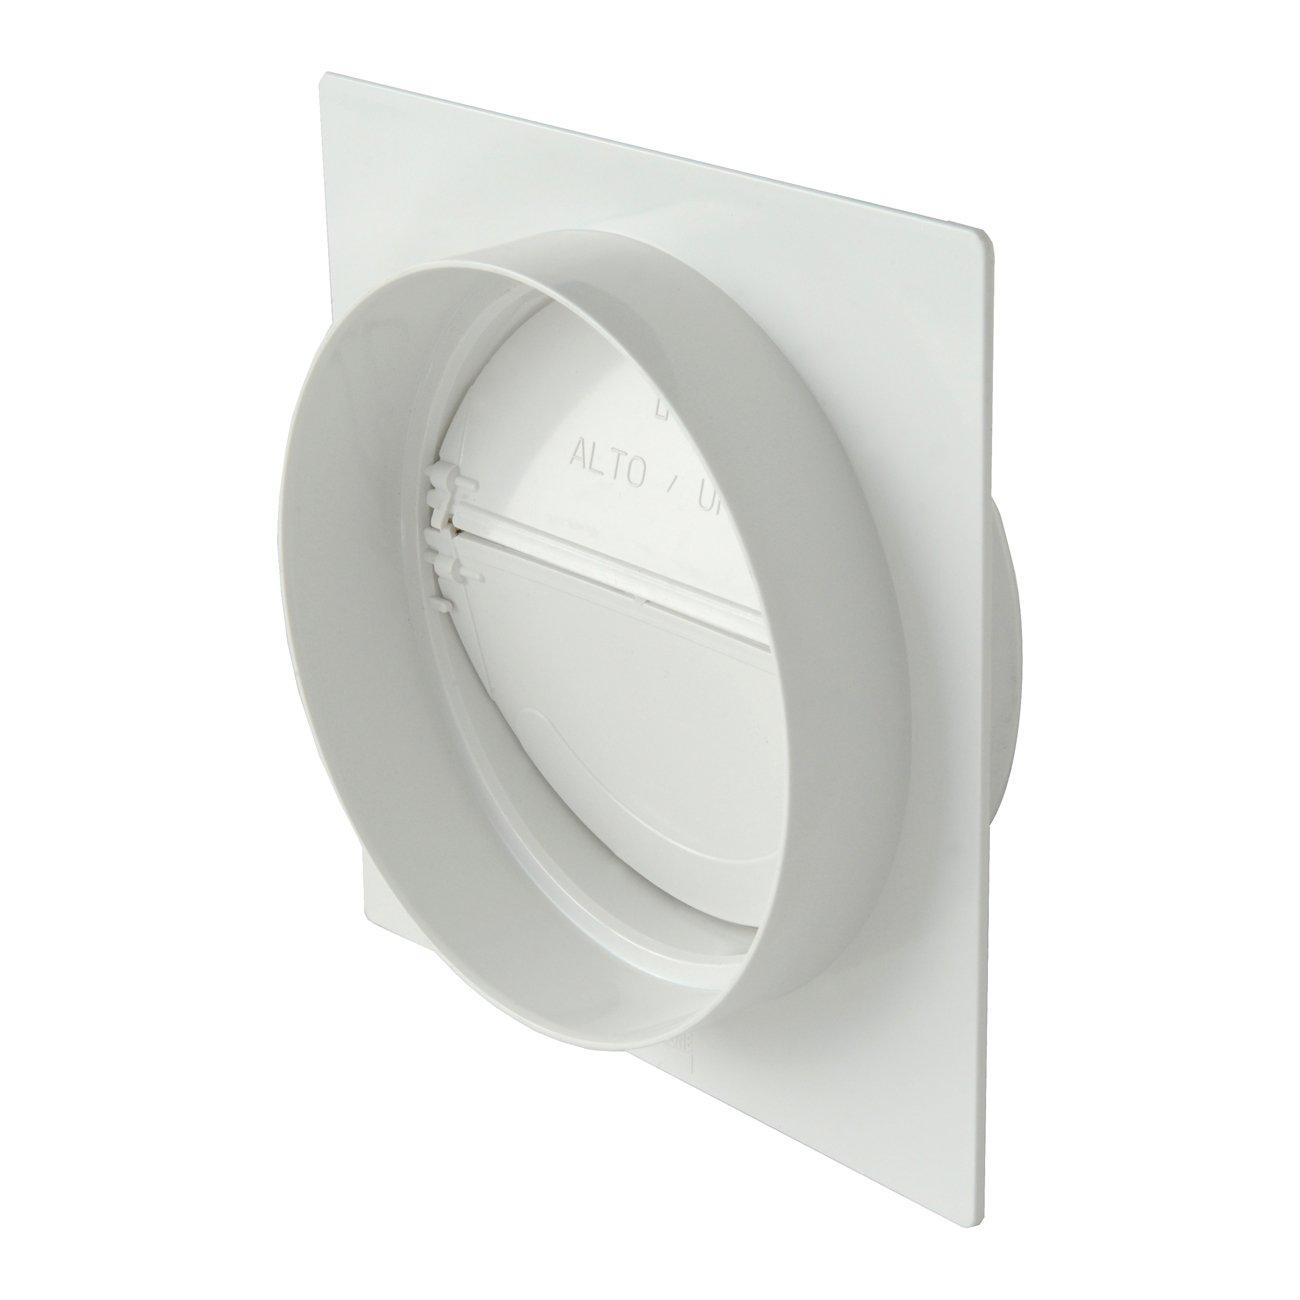 La ventilació n pmv125b placa para detecció n a pared tubo redondo con vá lvula de no retorno Aire, Diá metro 125 mm) Diámetro 125mm) La Ventilazione